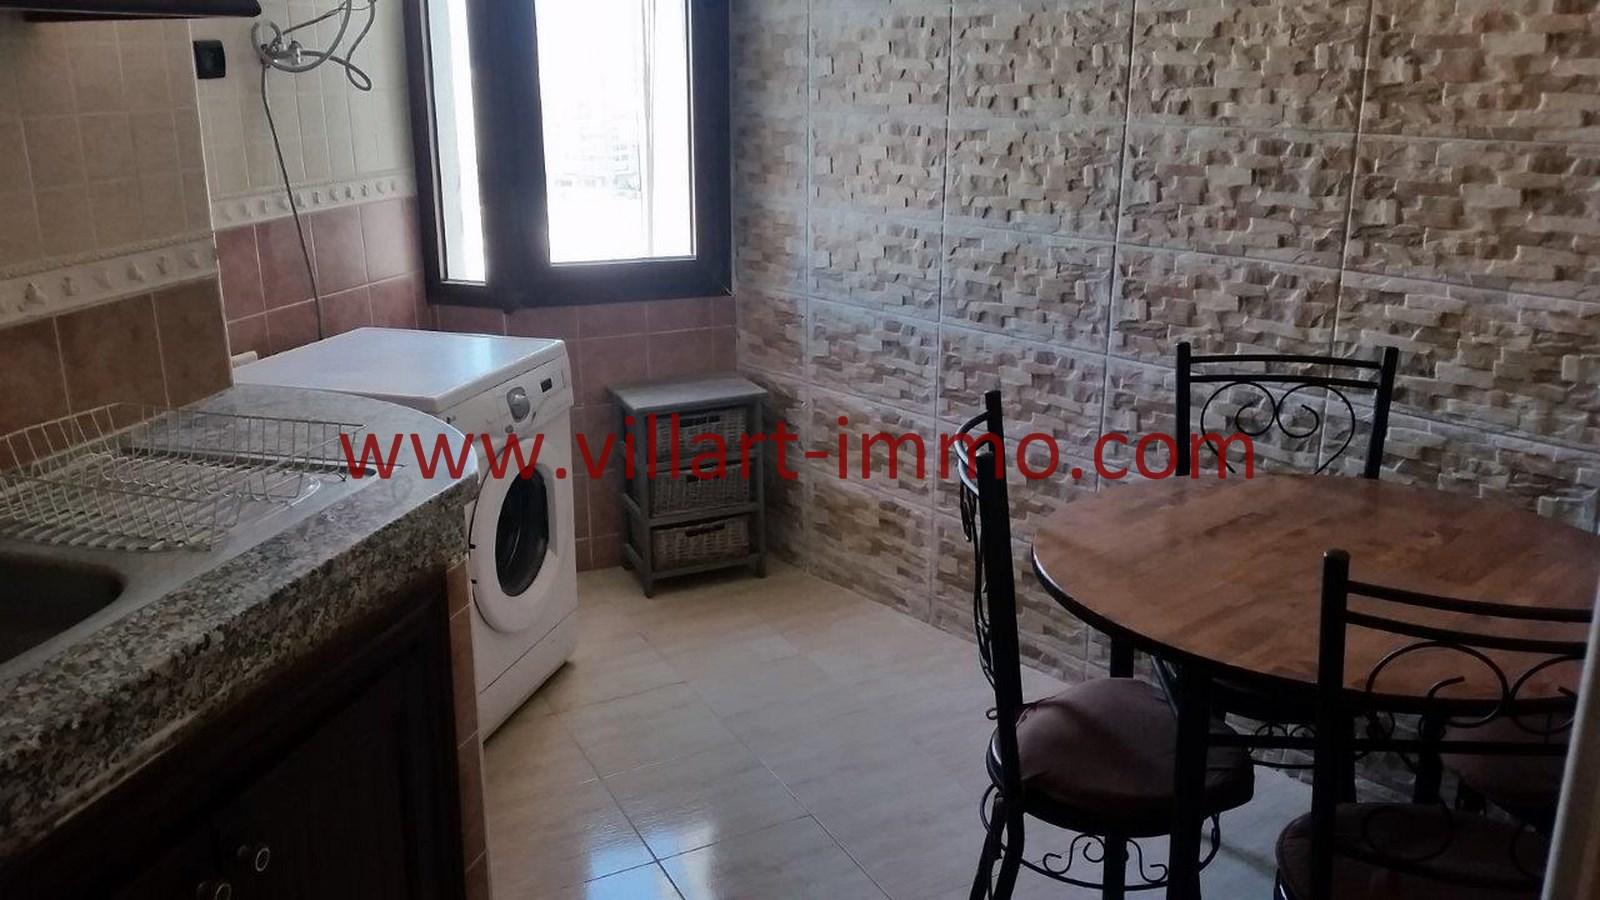 6-location-appartement-meuble-centre-ville-tanger-cuisine-l909-villart-immo